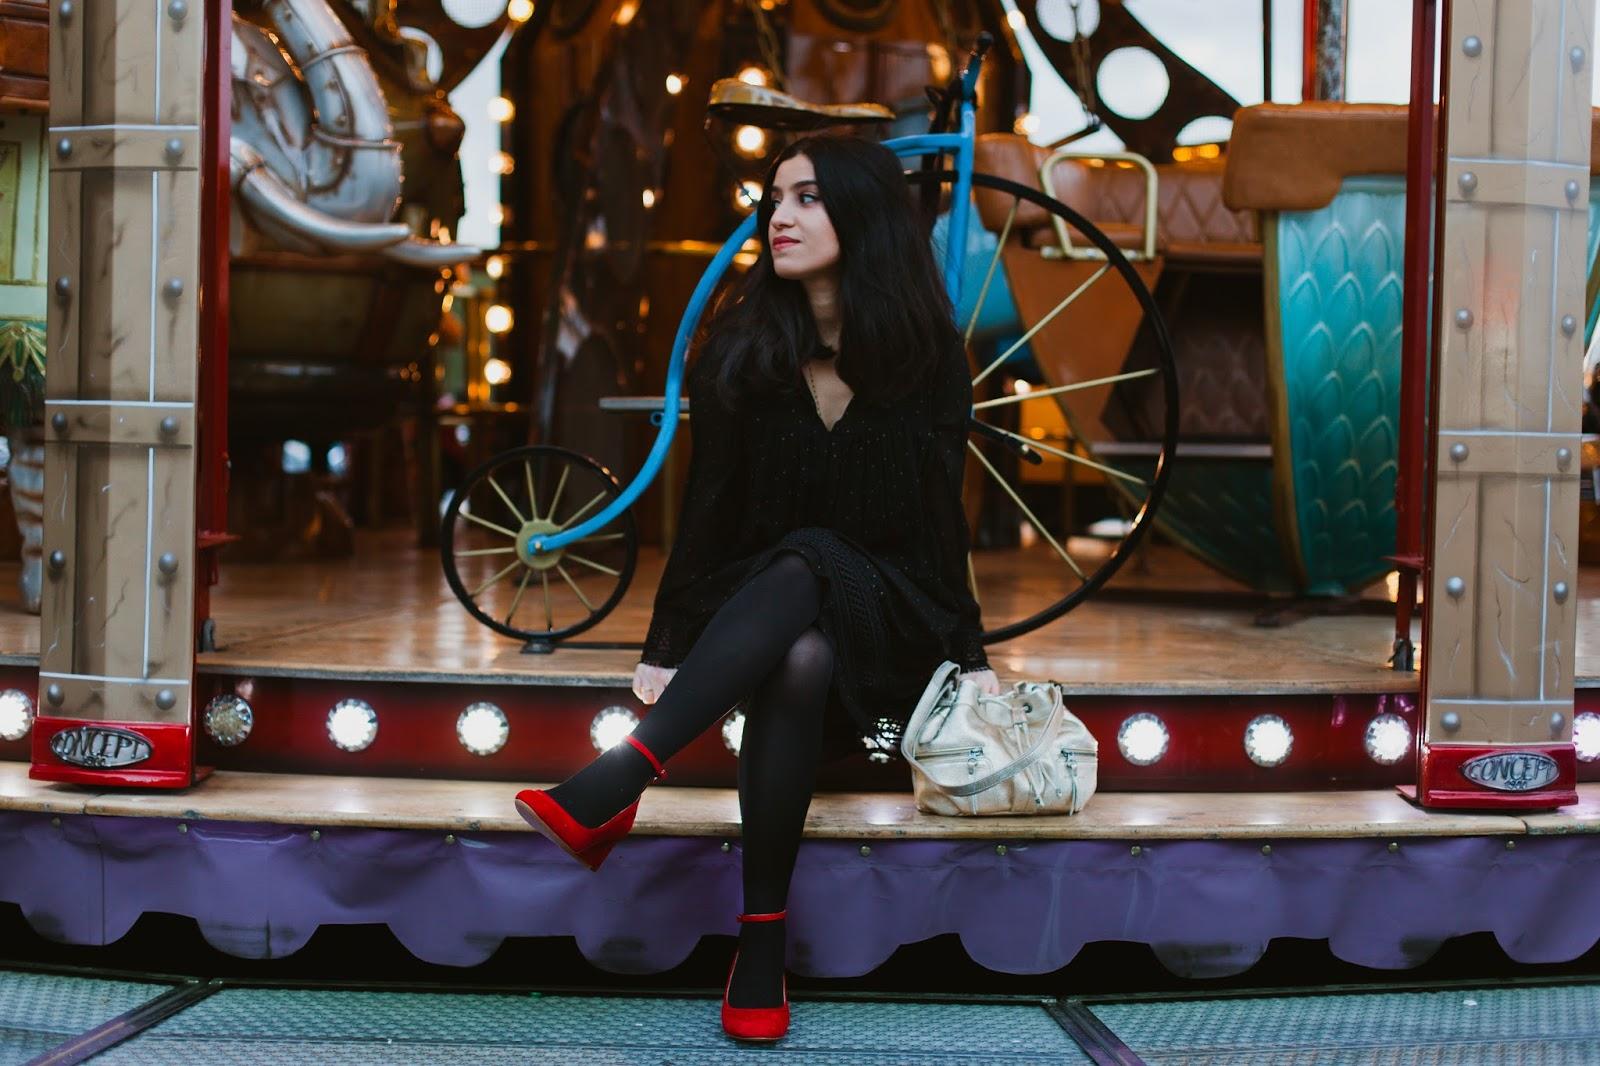 manteau laine comptoir des cotonniers, sac sabrina paris, babies un si beau pas, blogueuse mode, blog mode, modeuse, influenceuse mode, ameni daily, tendance babies, tendance sac doré, blogueuse lyonnaise,blogueuse parisienne, chaussure personnalisable, chaussure sur-mesure